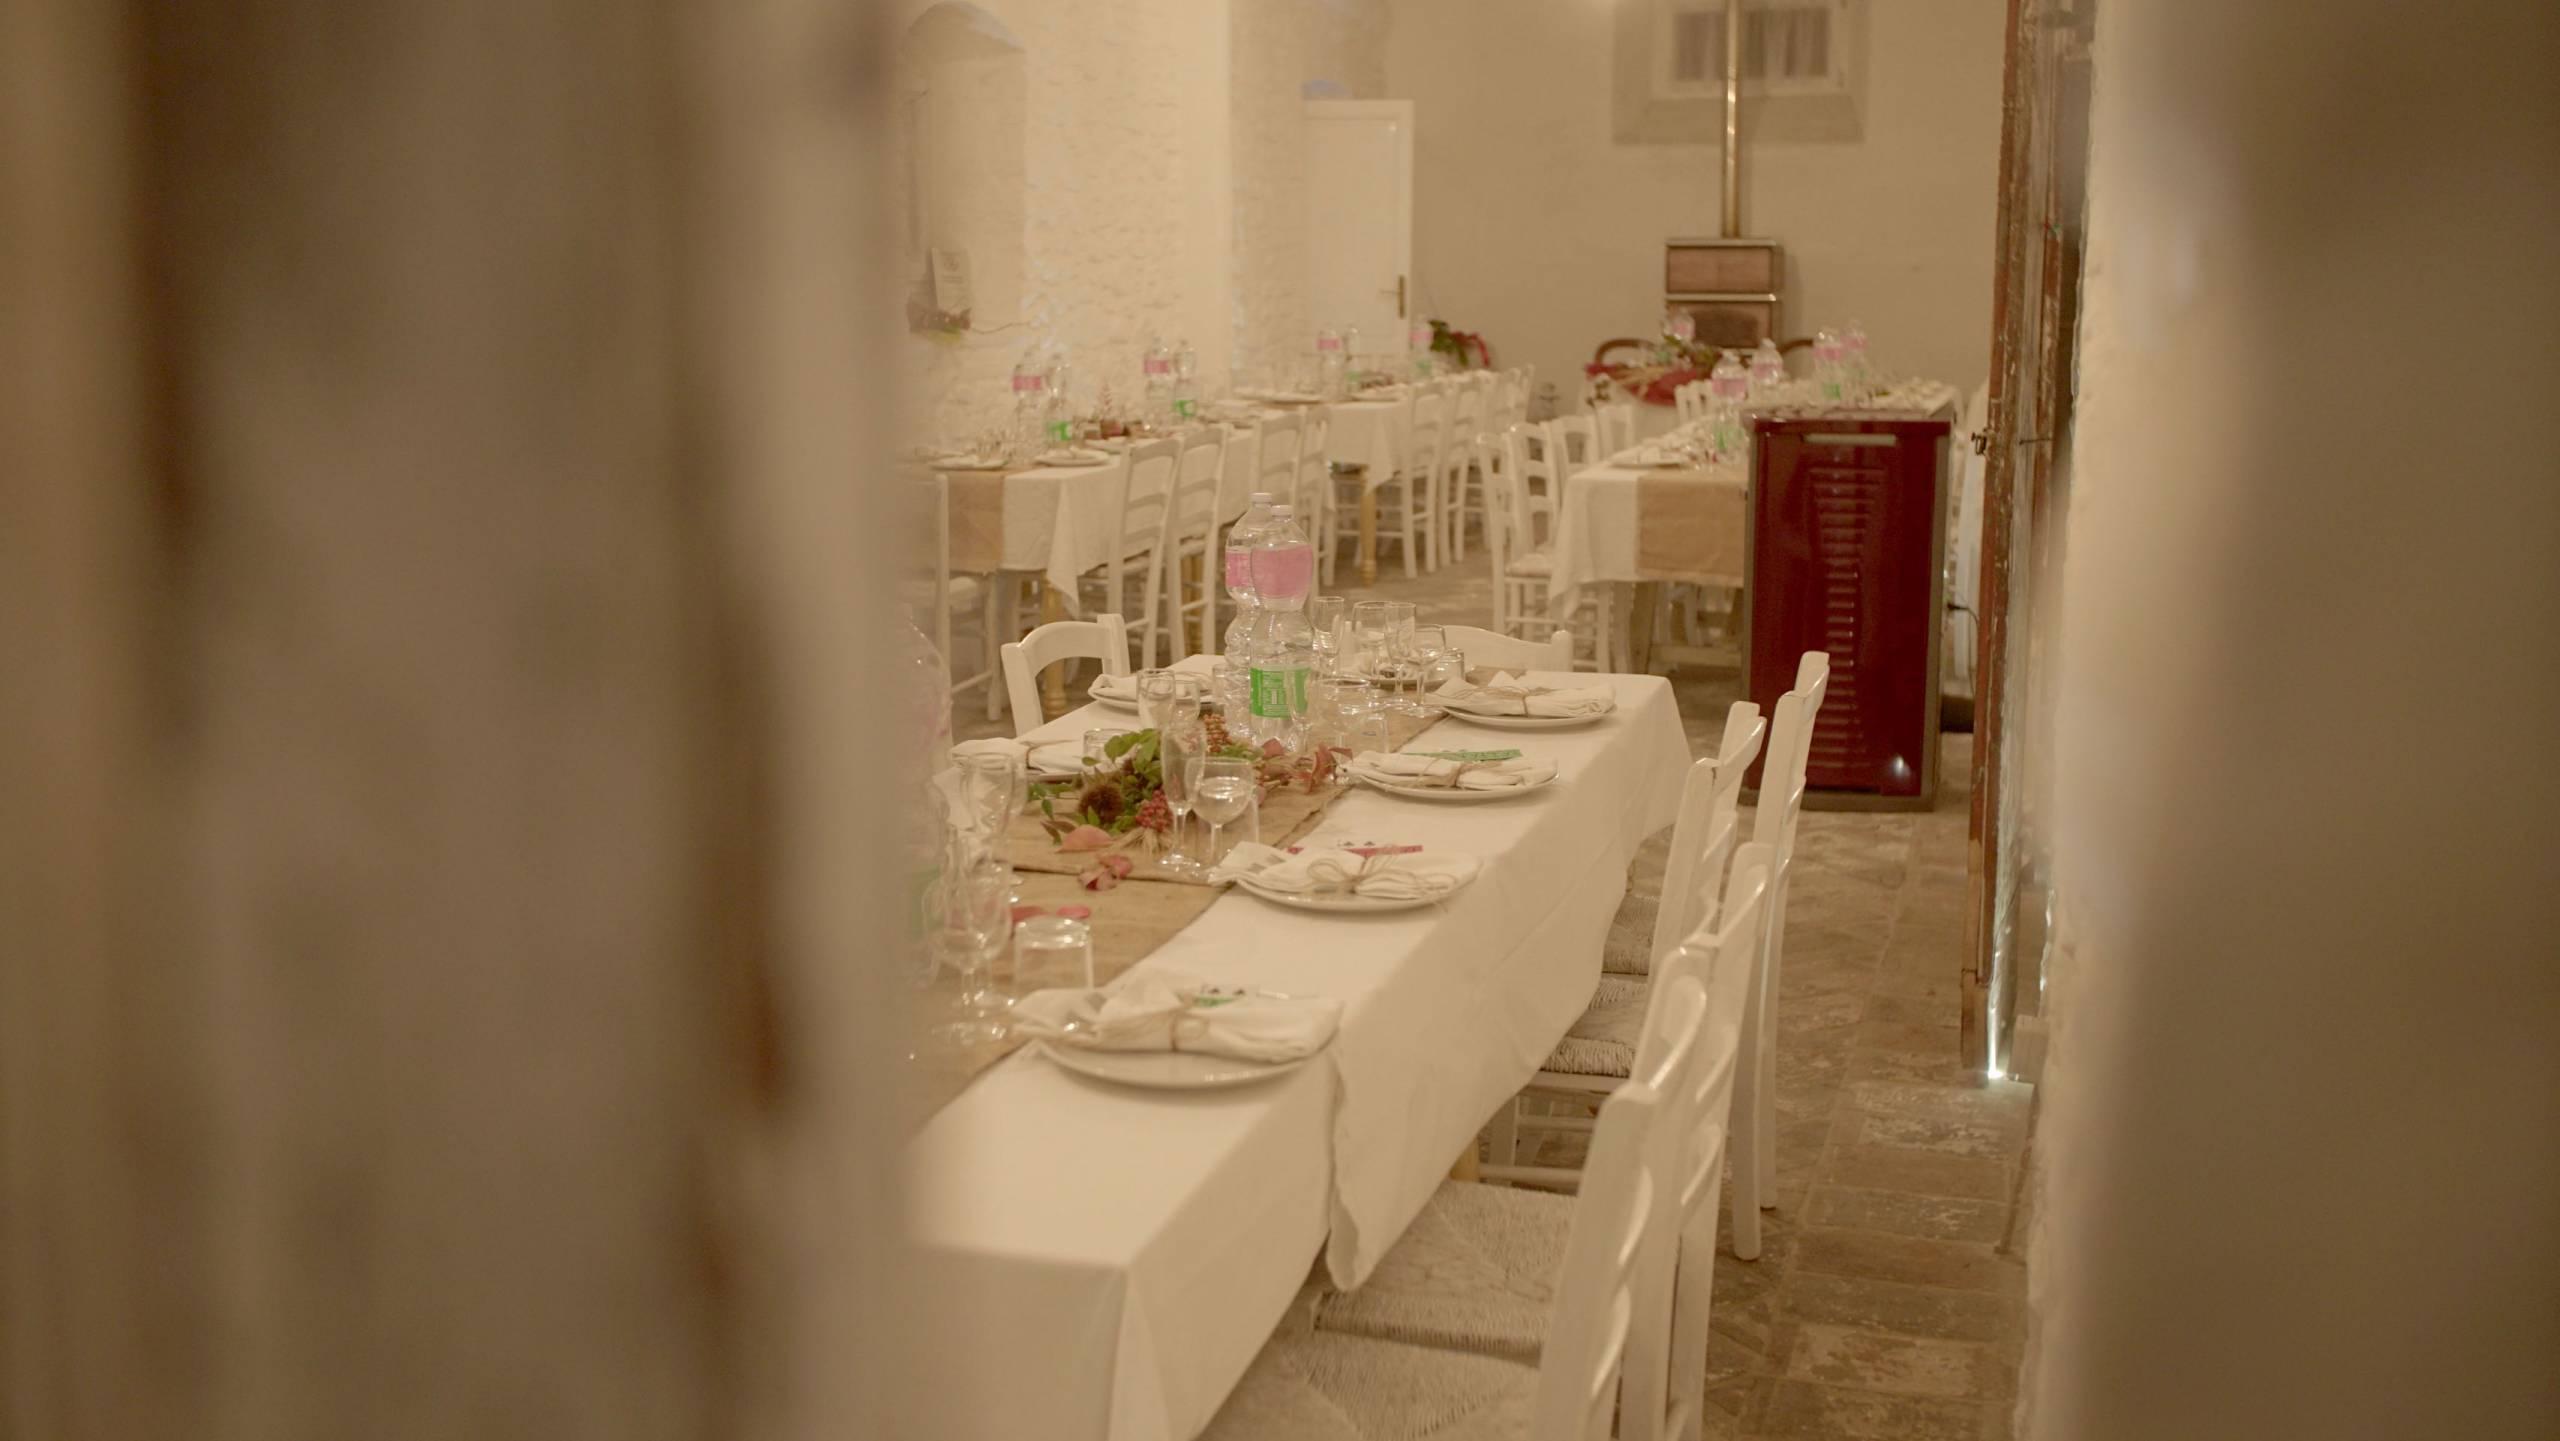 foto zoommata della sala addobbata per una cena